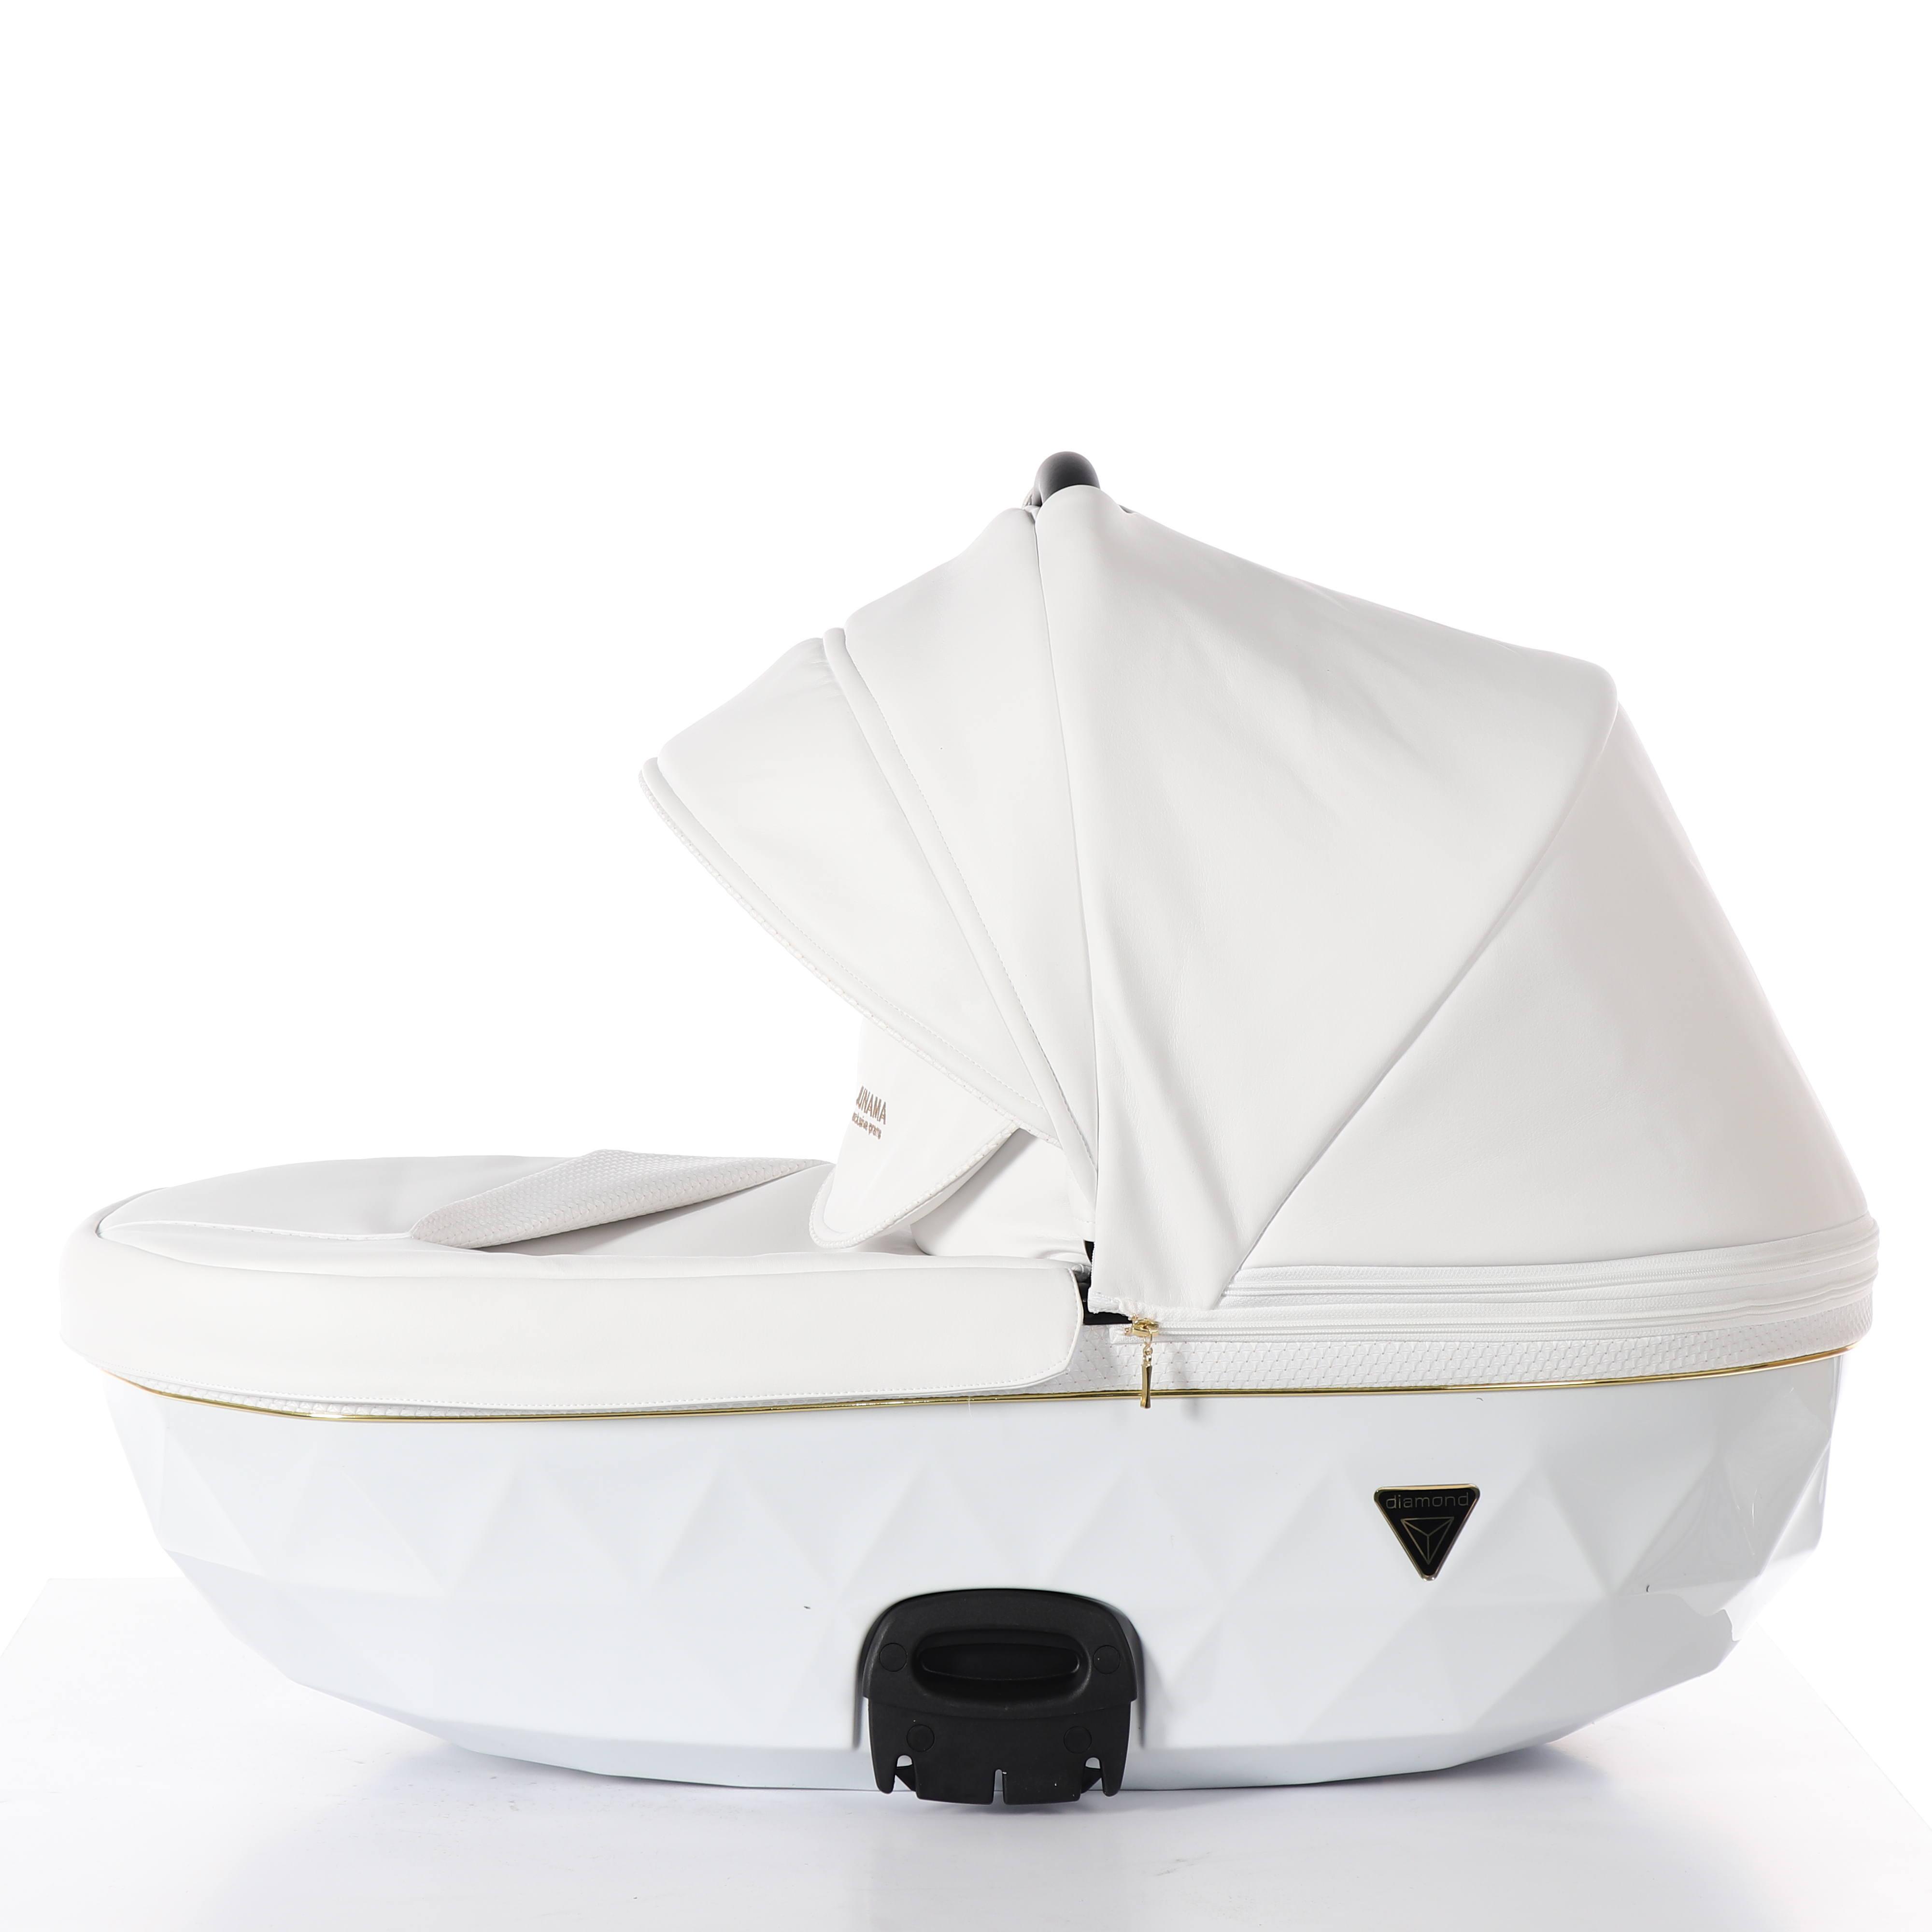 gondola Individual Junama wózek dziecięcy